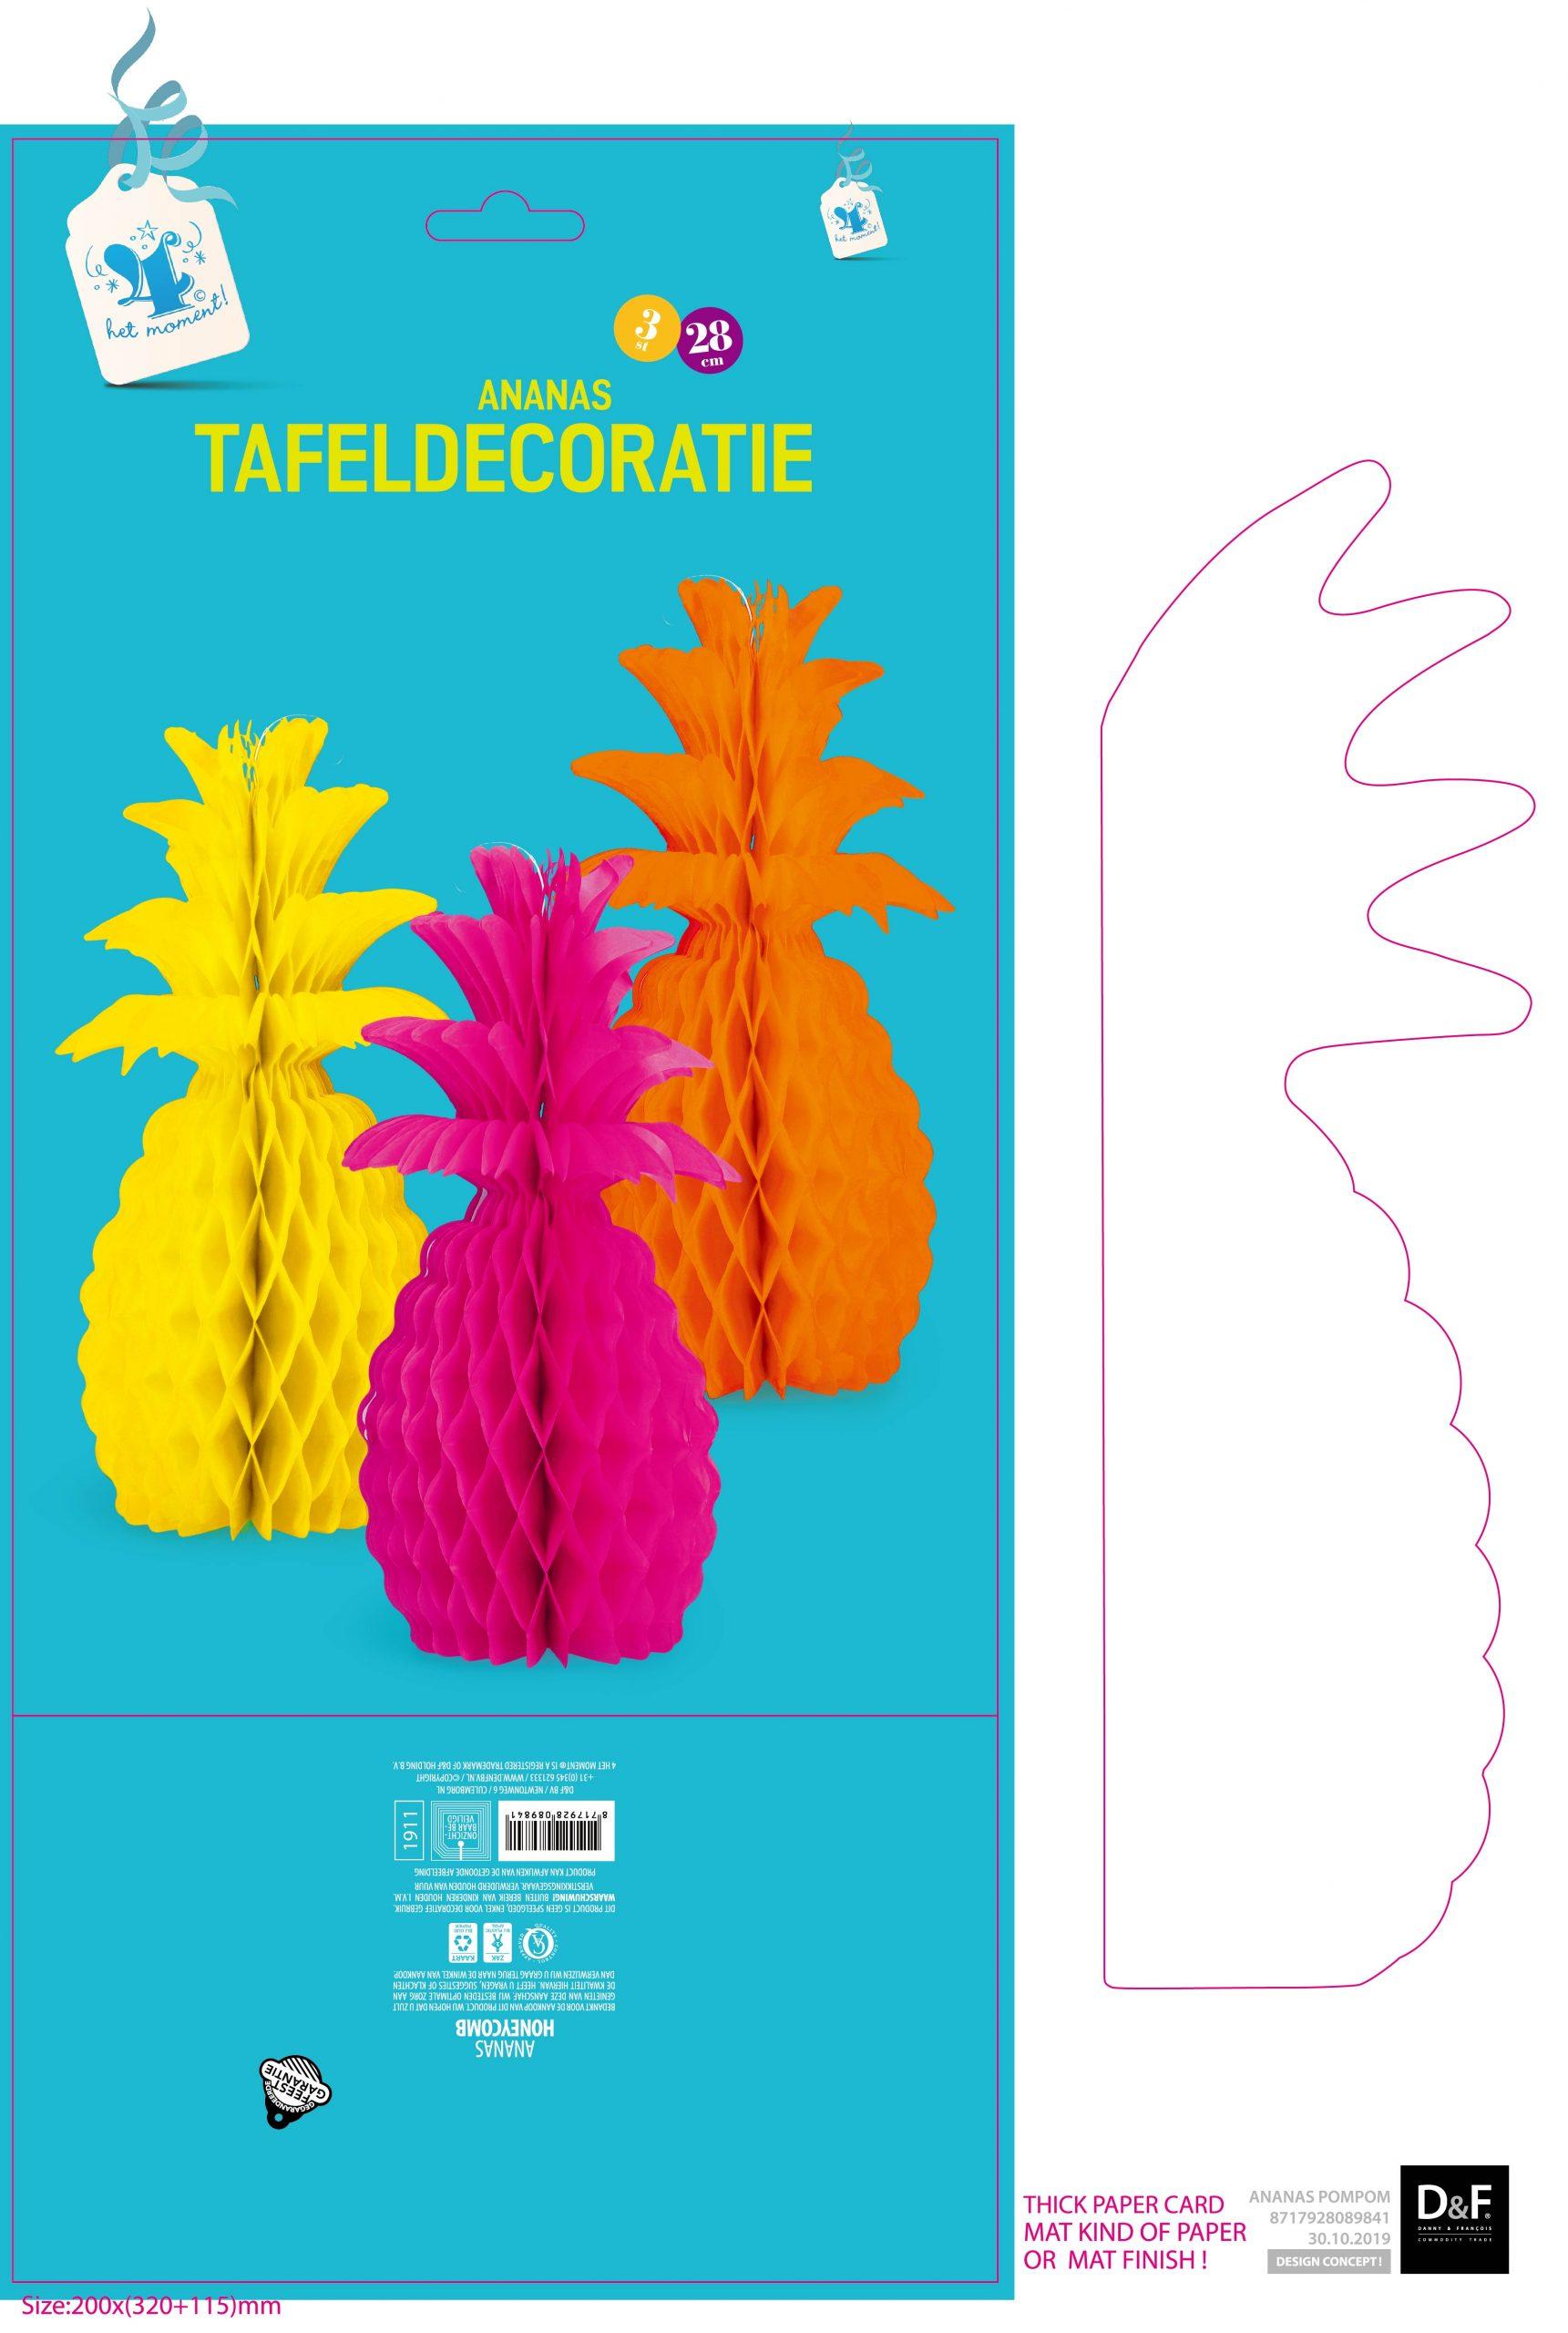 Tafeldecoratie Ananas